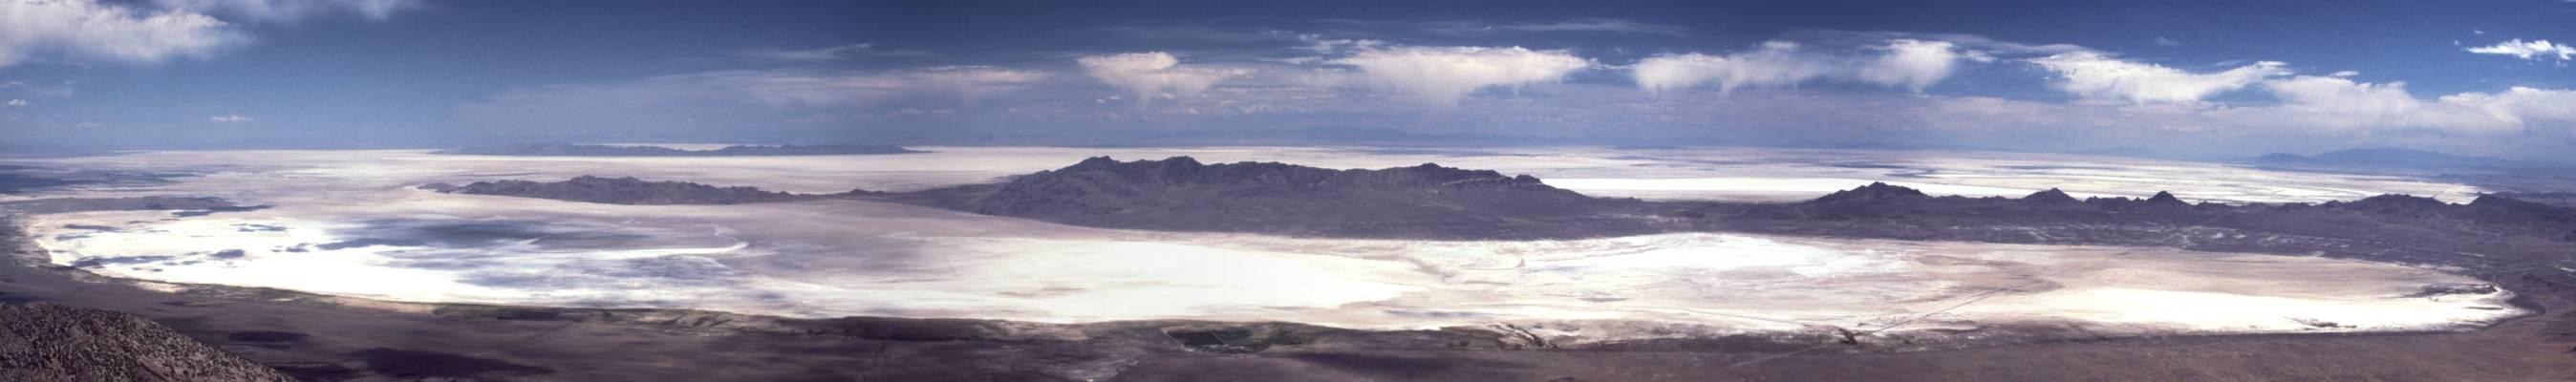 panorama bildo de la dezerto, fotita sur la monto Pilot Peak